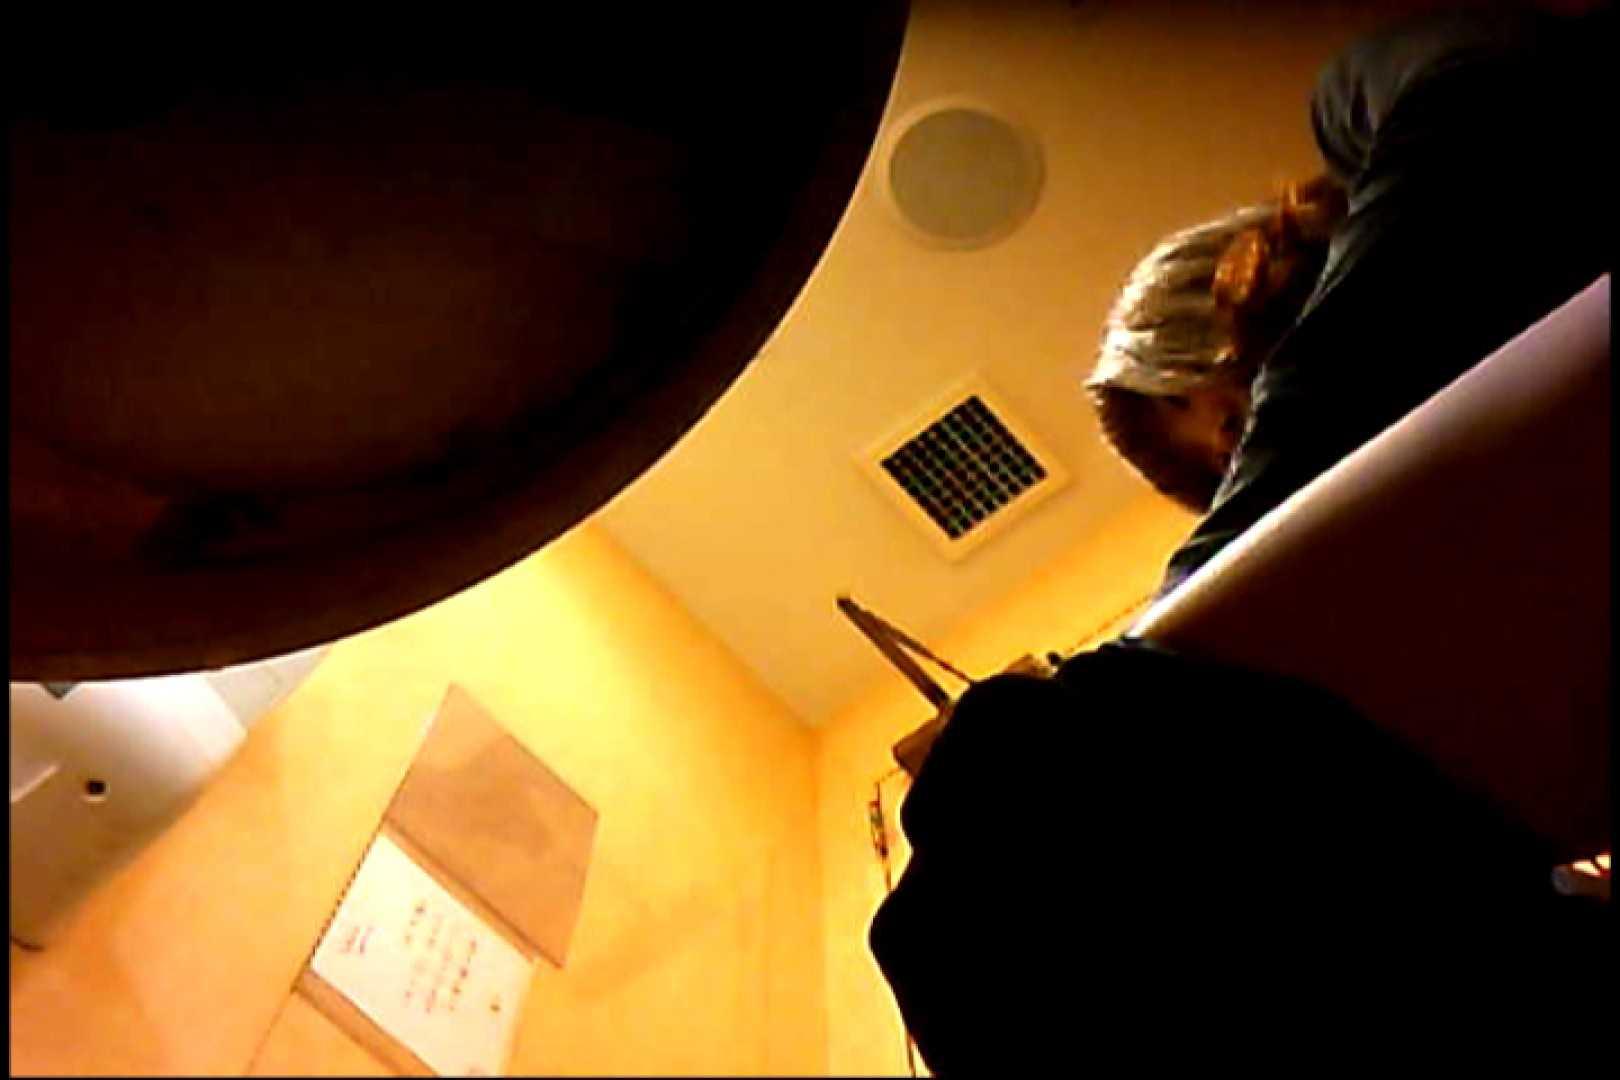 マダムが集まるデパートお手洗い Vol.12 洗面所のぞき オマンコ無修正動画無料 101枚 49